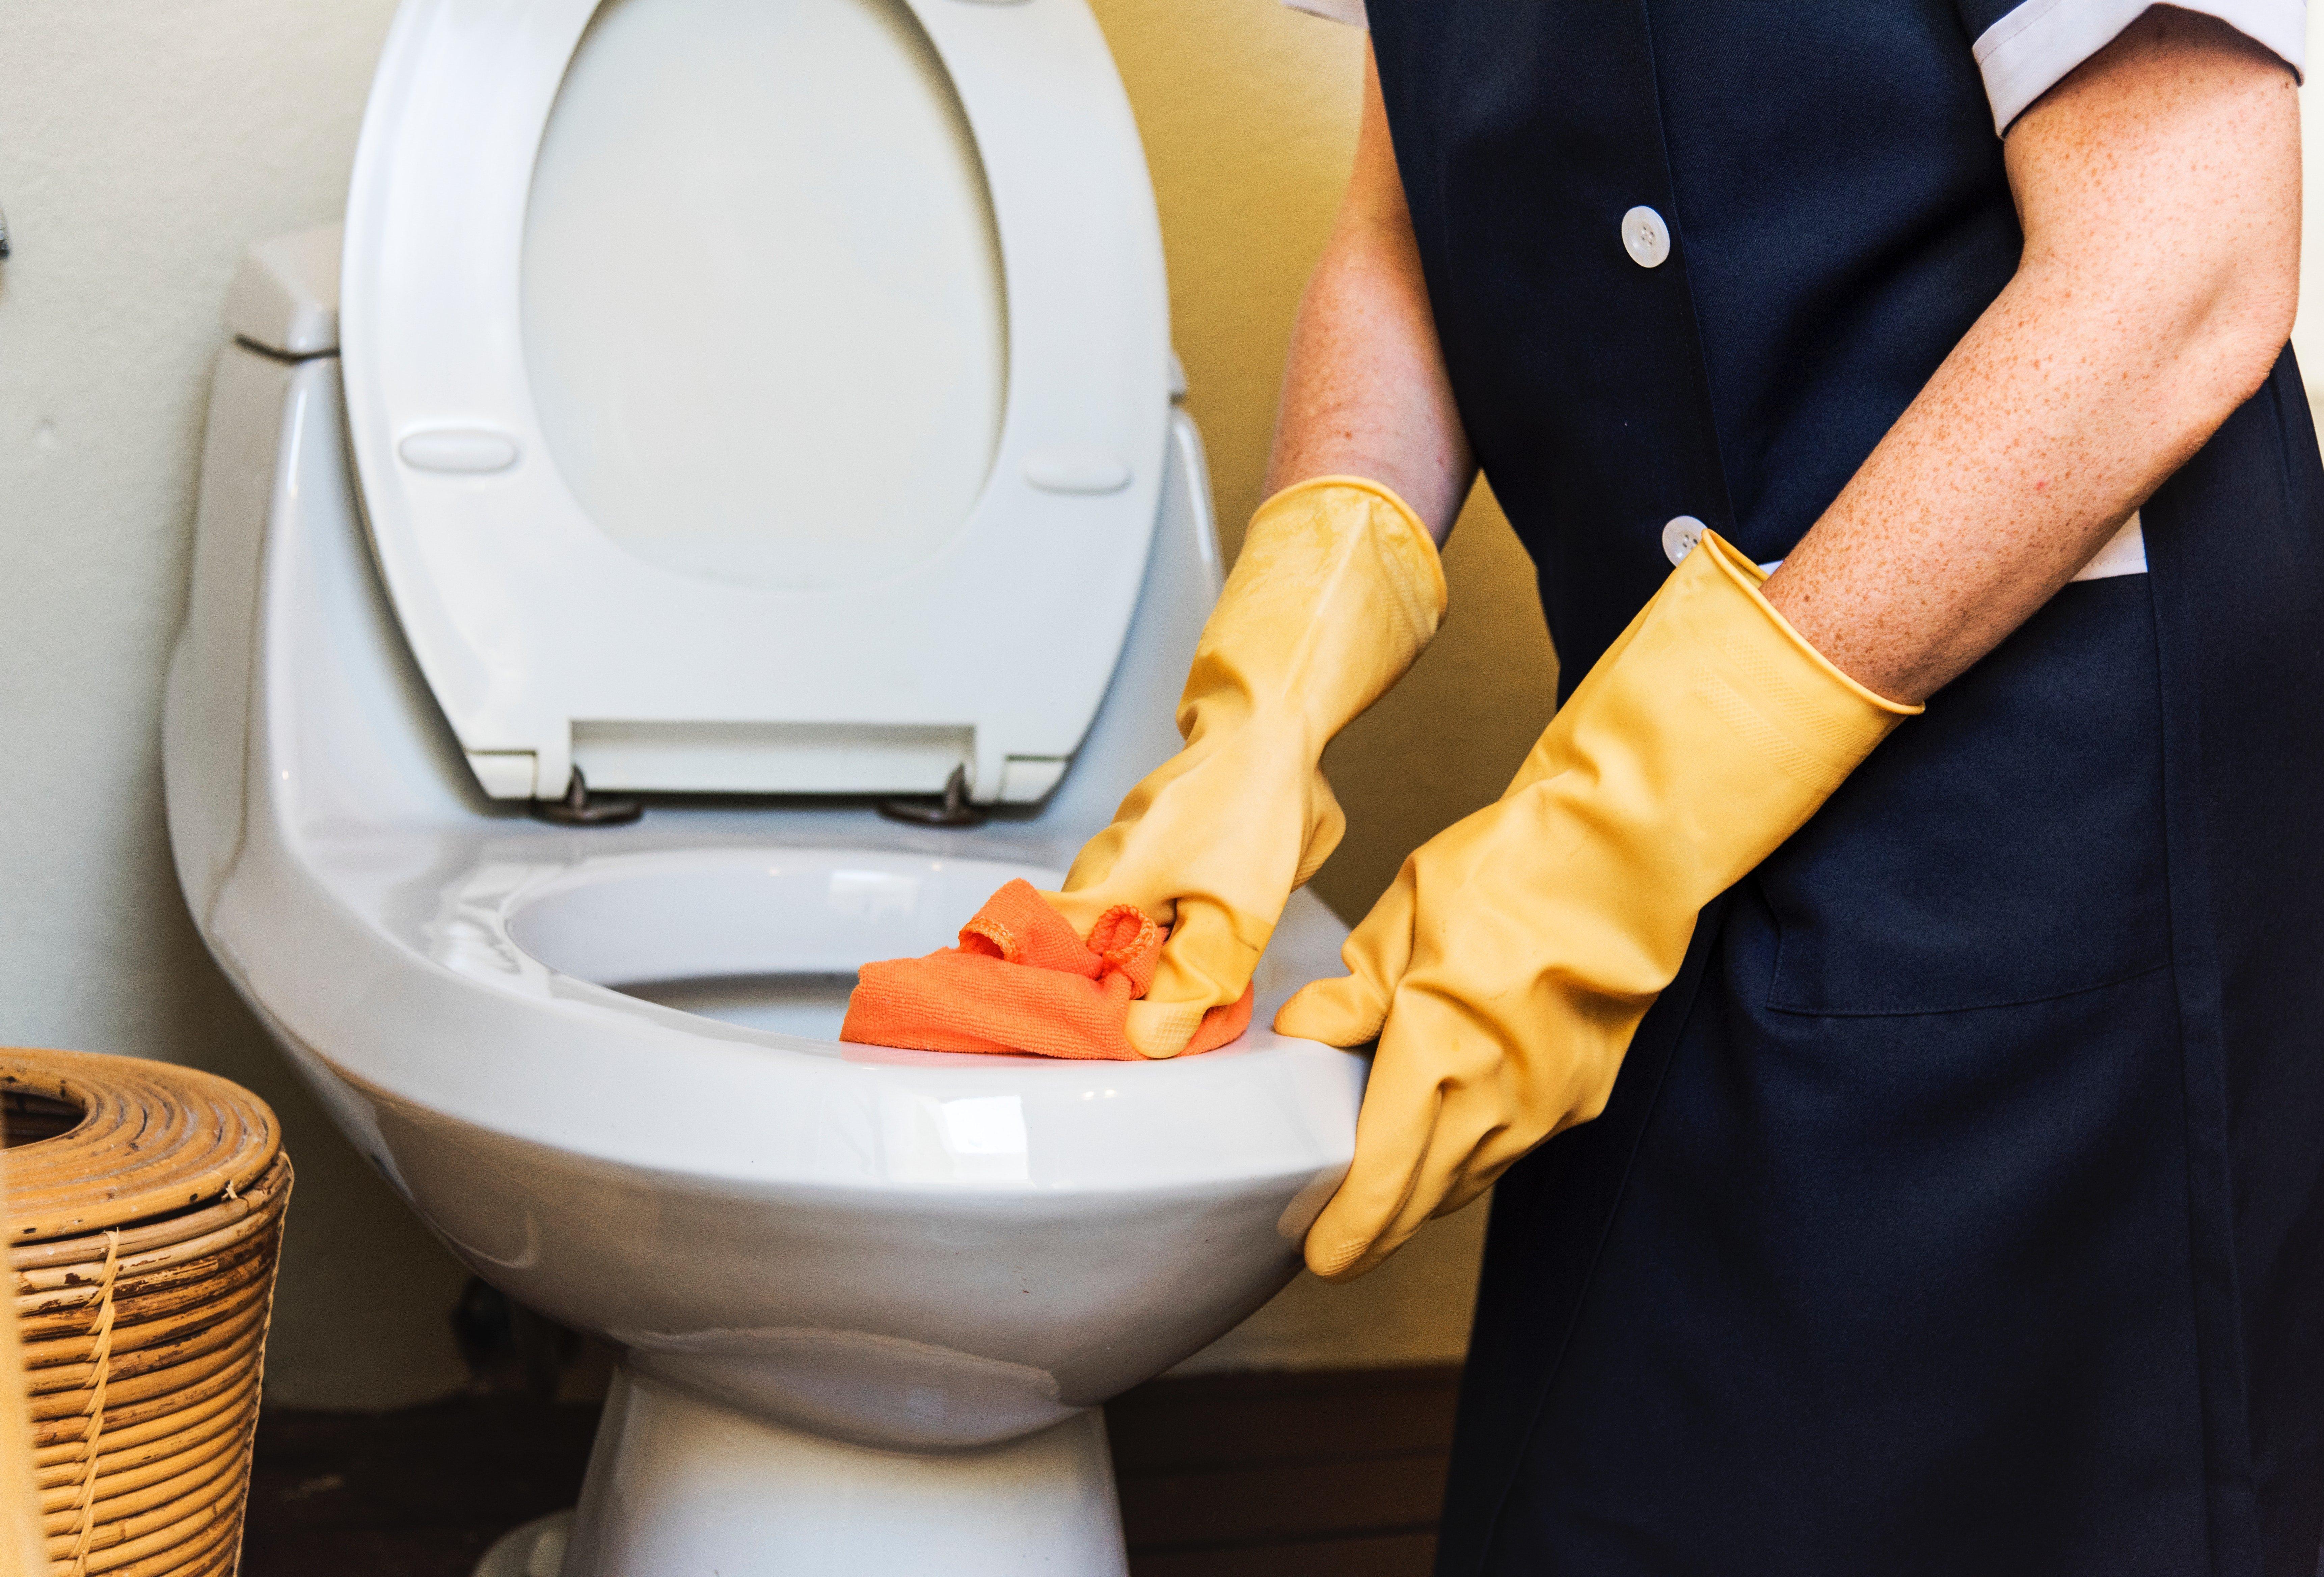 Un homme en train de nettoyer  la cuvette de toilette. | Photo : Pexels